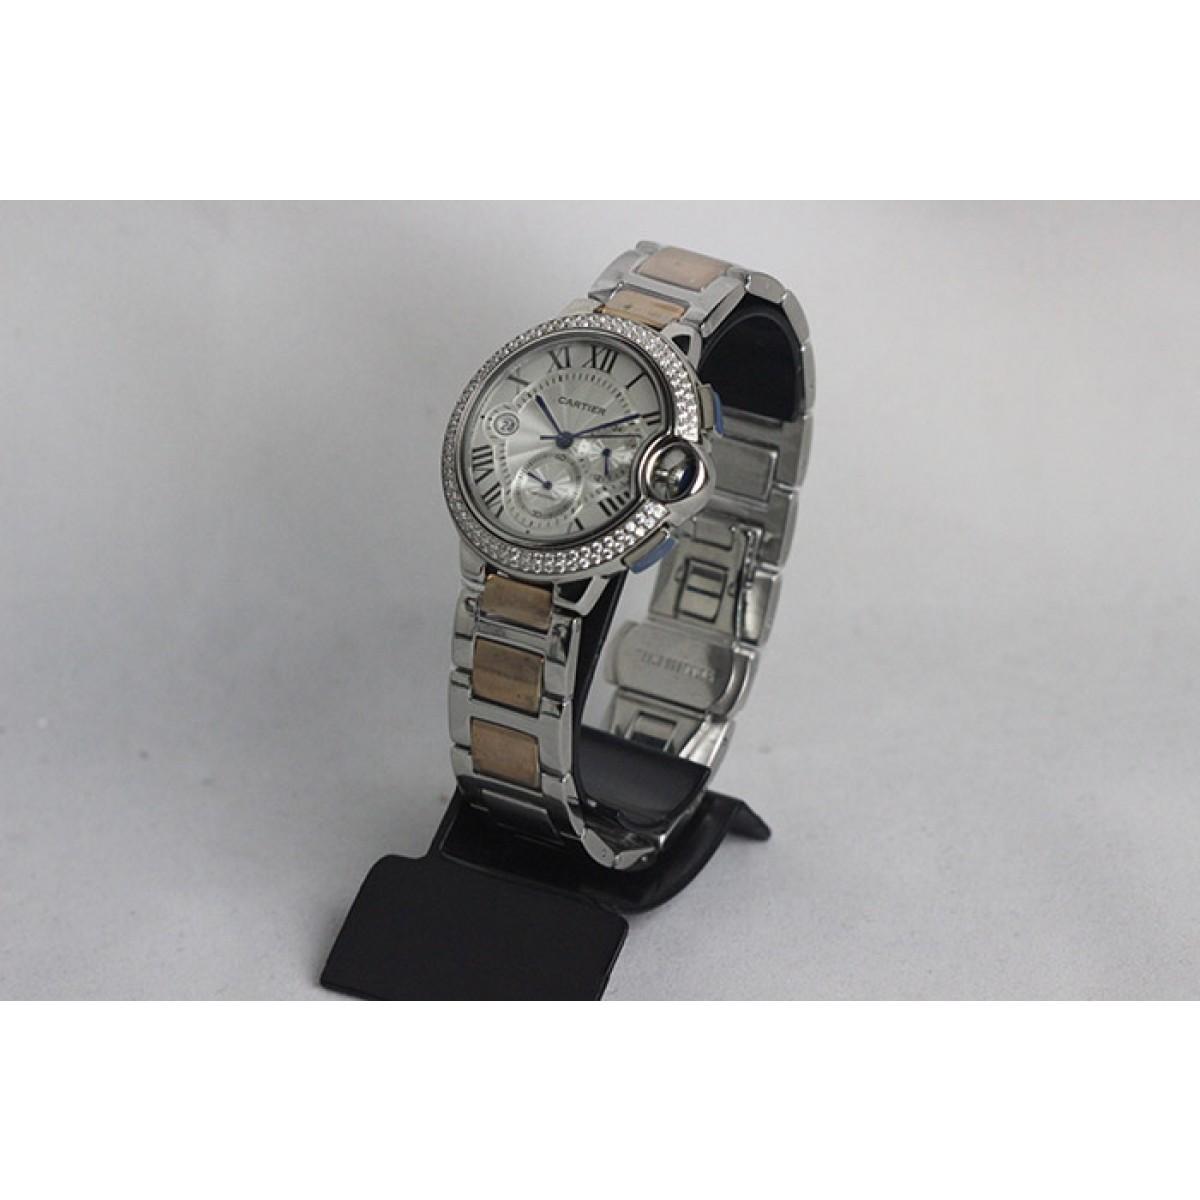 b754ce660f5 Réplica de Relógio Cartier Ballon Bleu